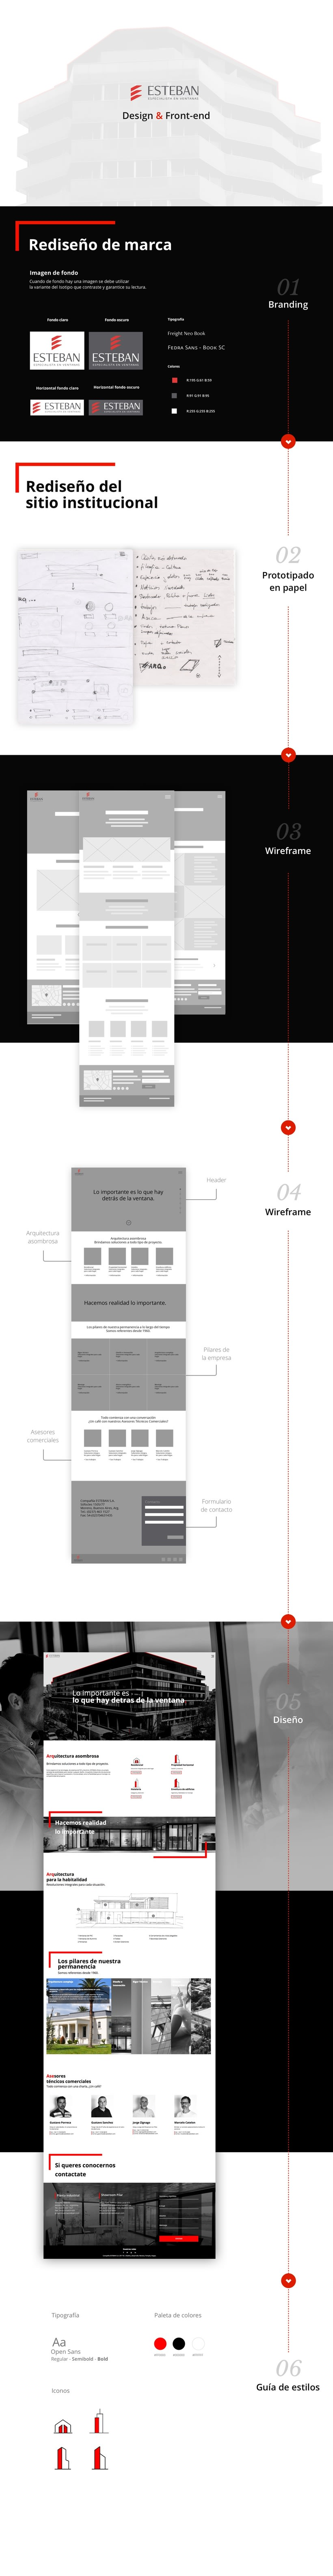 Esteban - especialista en ventanas  -- proyecto de rediseño de marca y sitio institucional 0